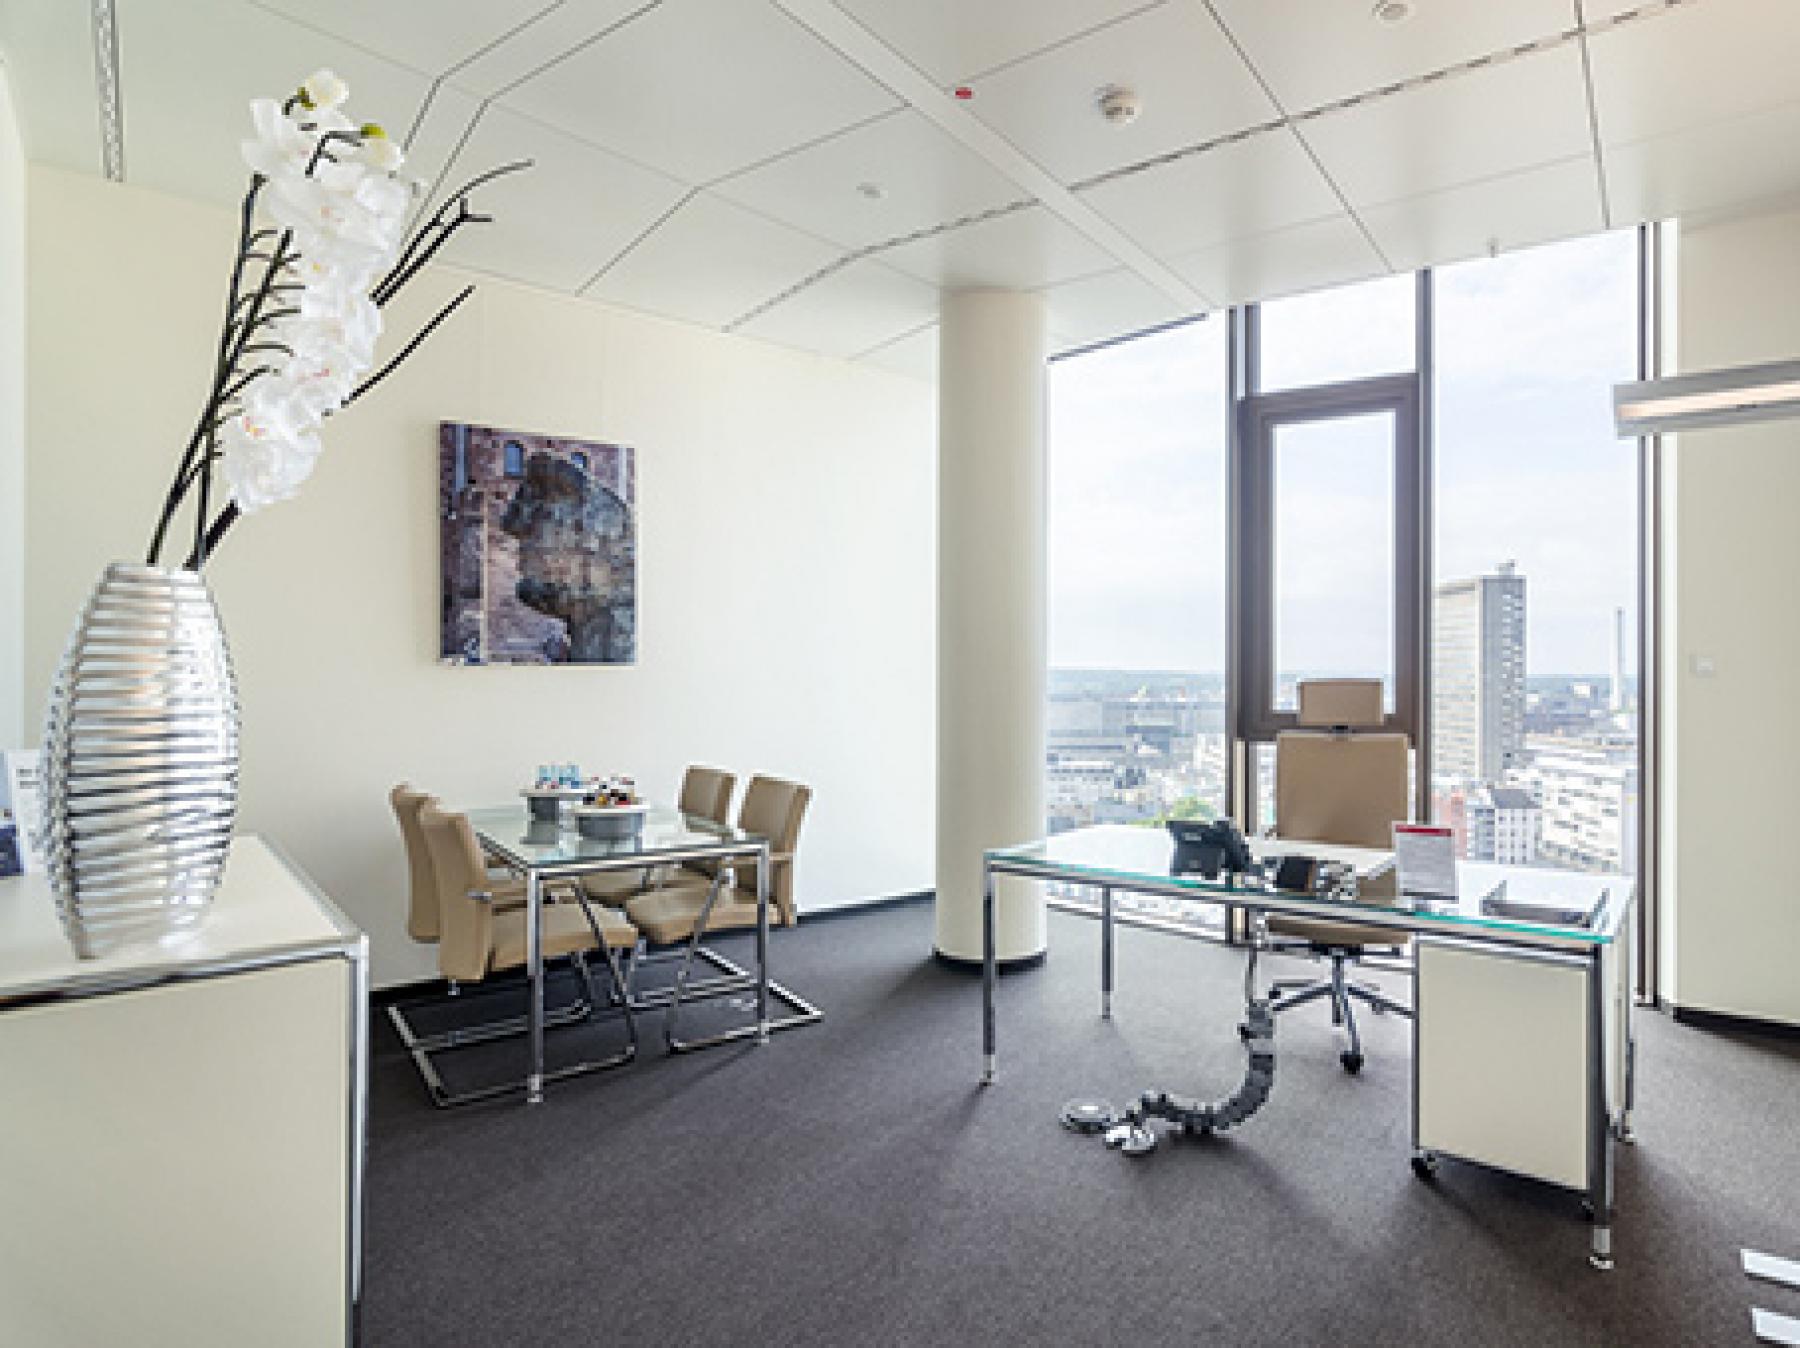 Modernes Büro mieten in Frankfurt-Hauptbahnhof an der Friedrich-Ebert-Anlage